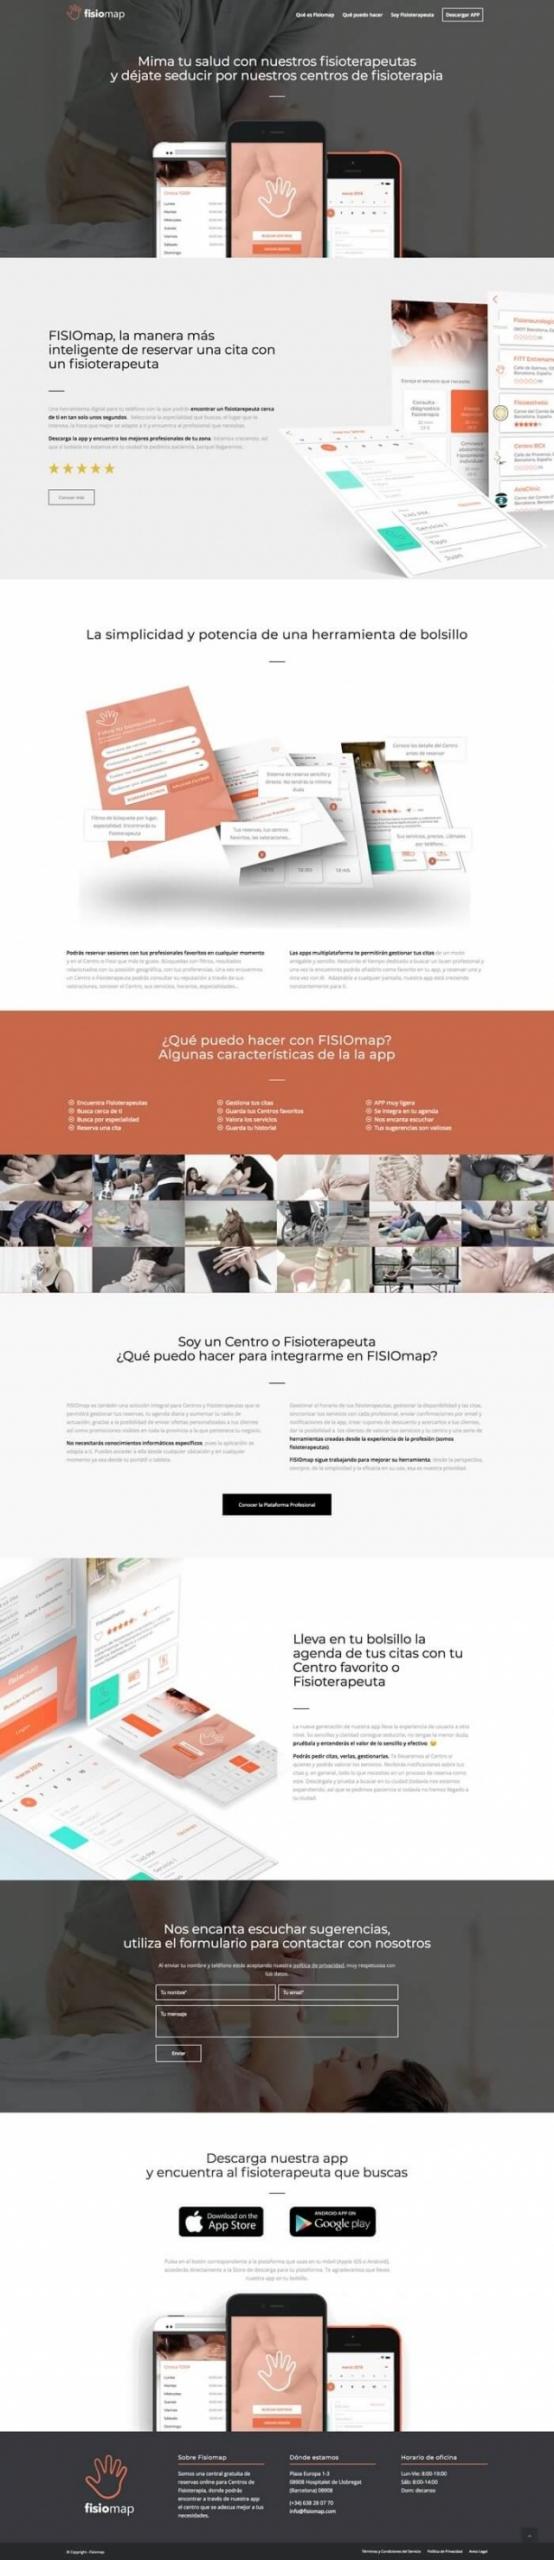 Pagina web de la app de fisiomap